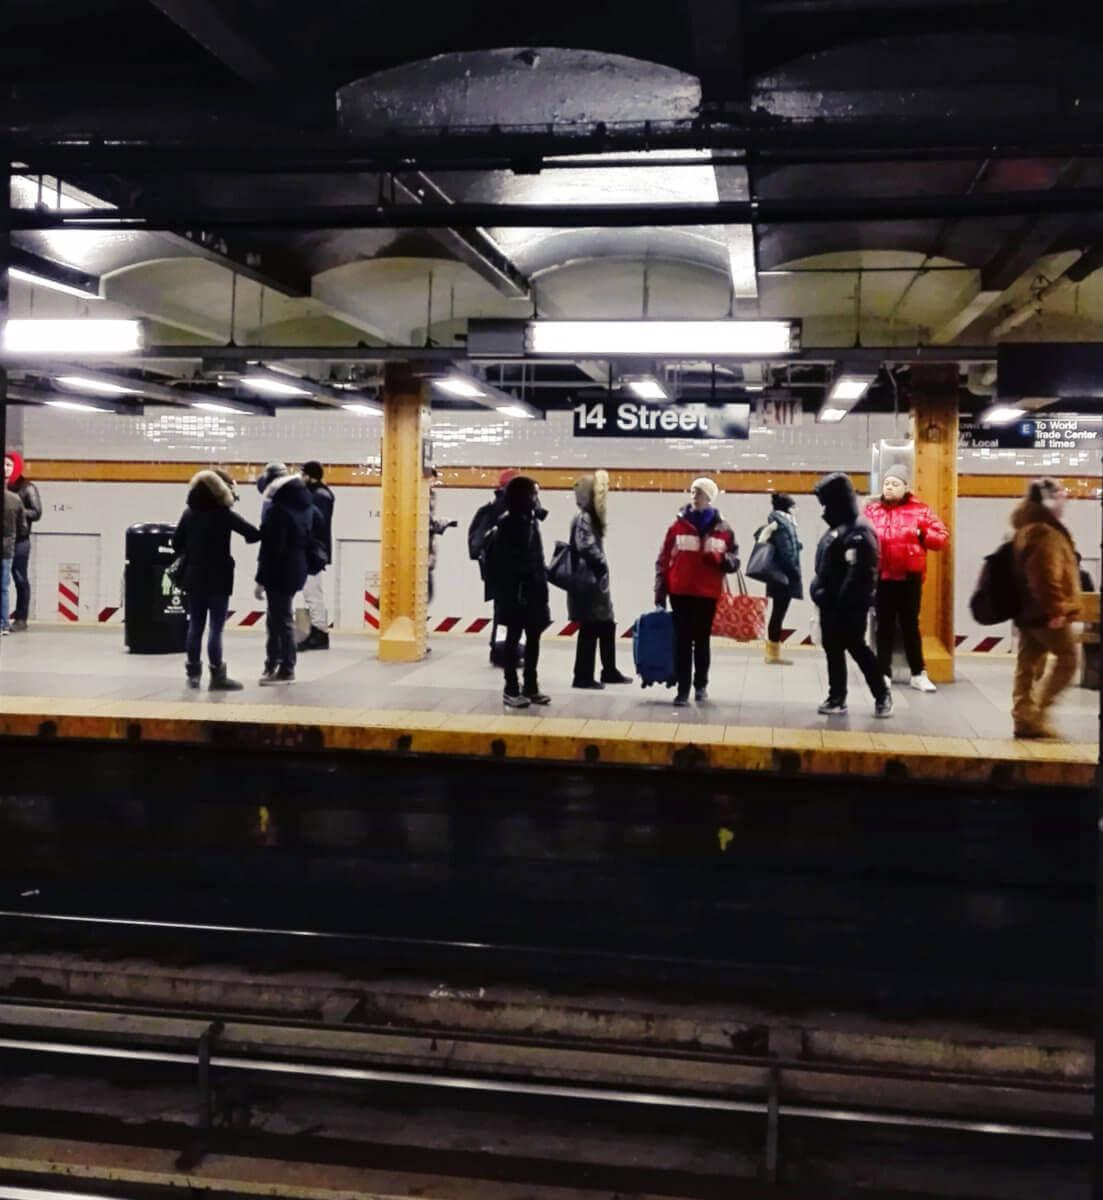 viaggiare-zaino-in-spalla-subway-13